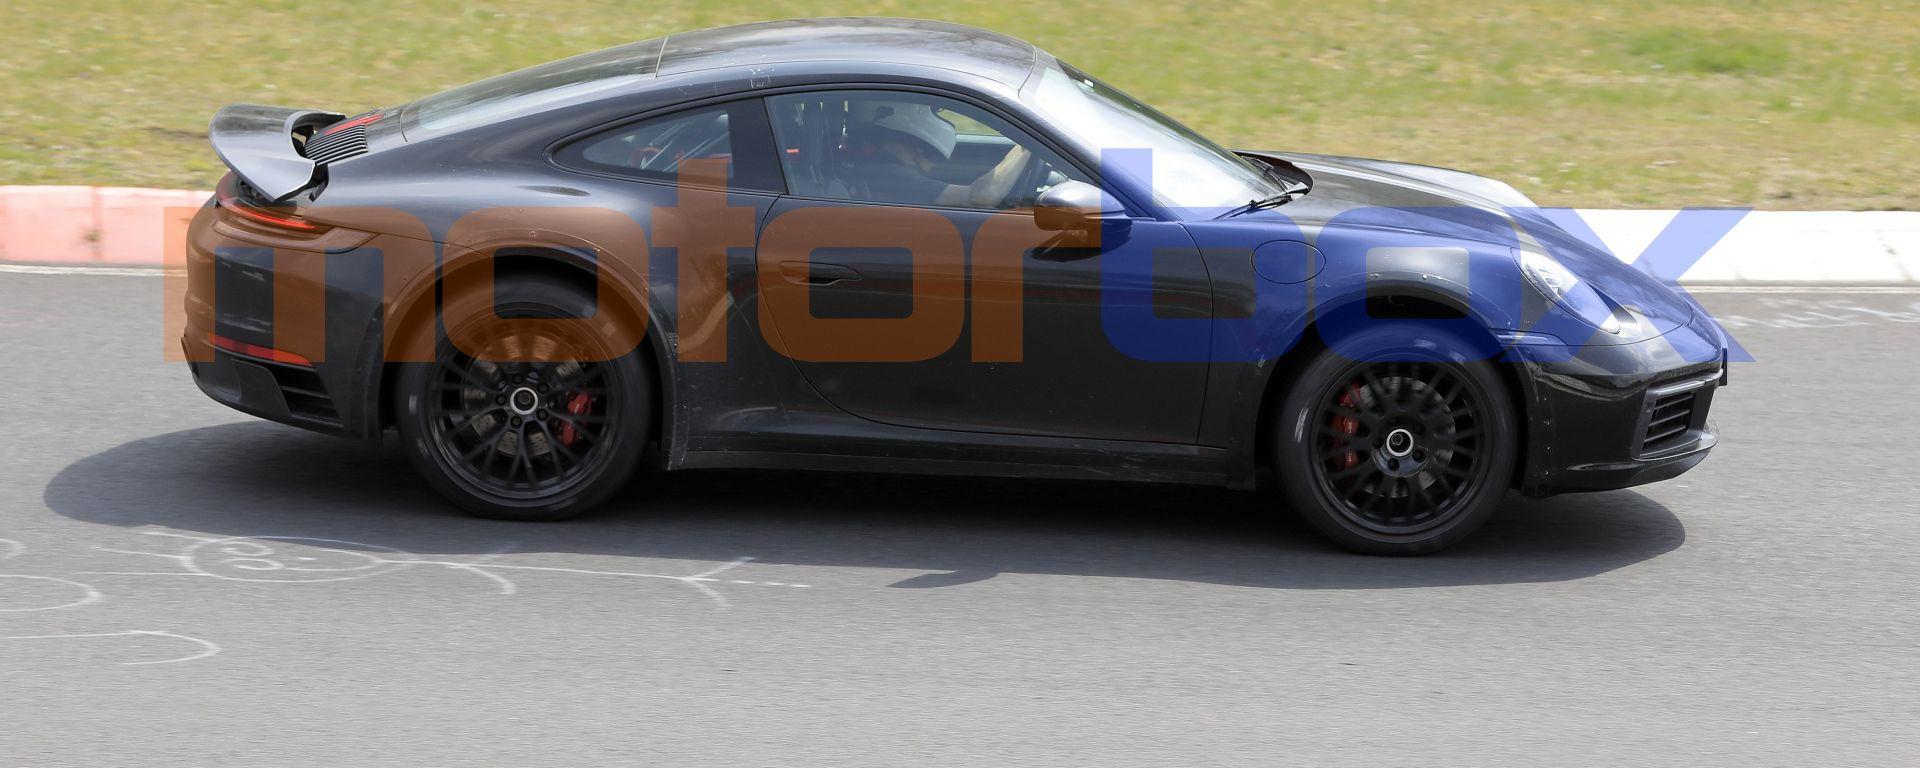 Nuova Porsche 911 Safari: da Zuffenhausen una sportiva in stile corssover